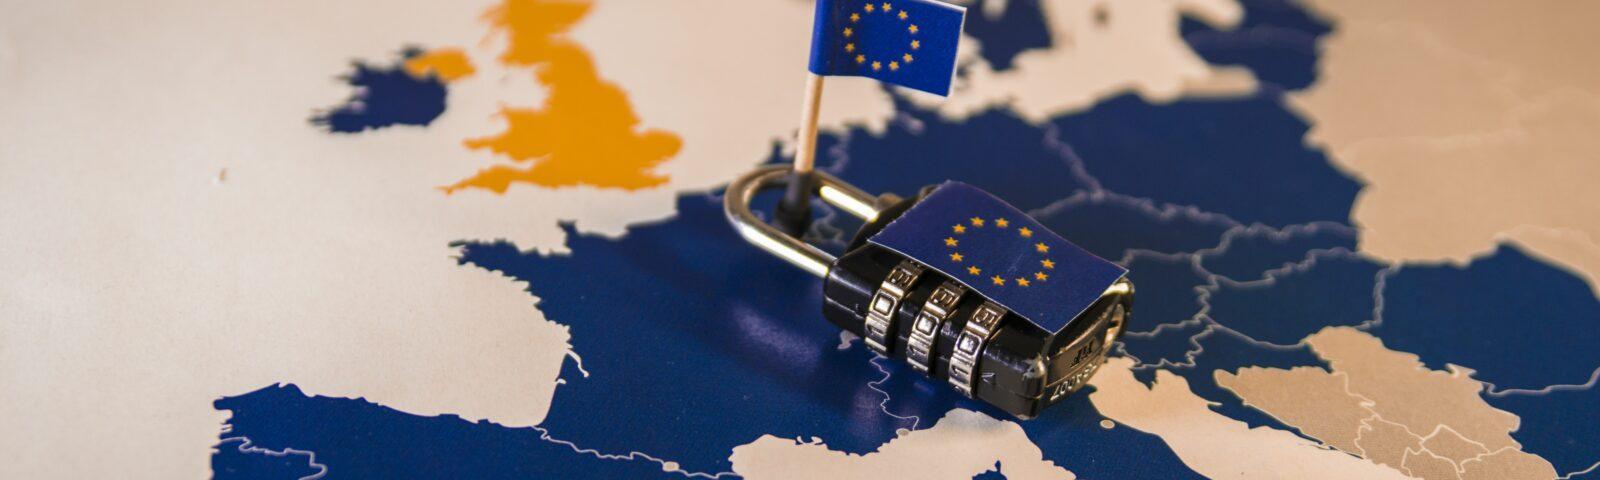 קצת על ההשתלטות העוינת הפרטית של אירופה על העולם העסקי / עדי מרכוס